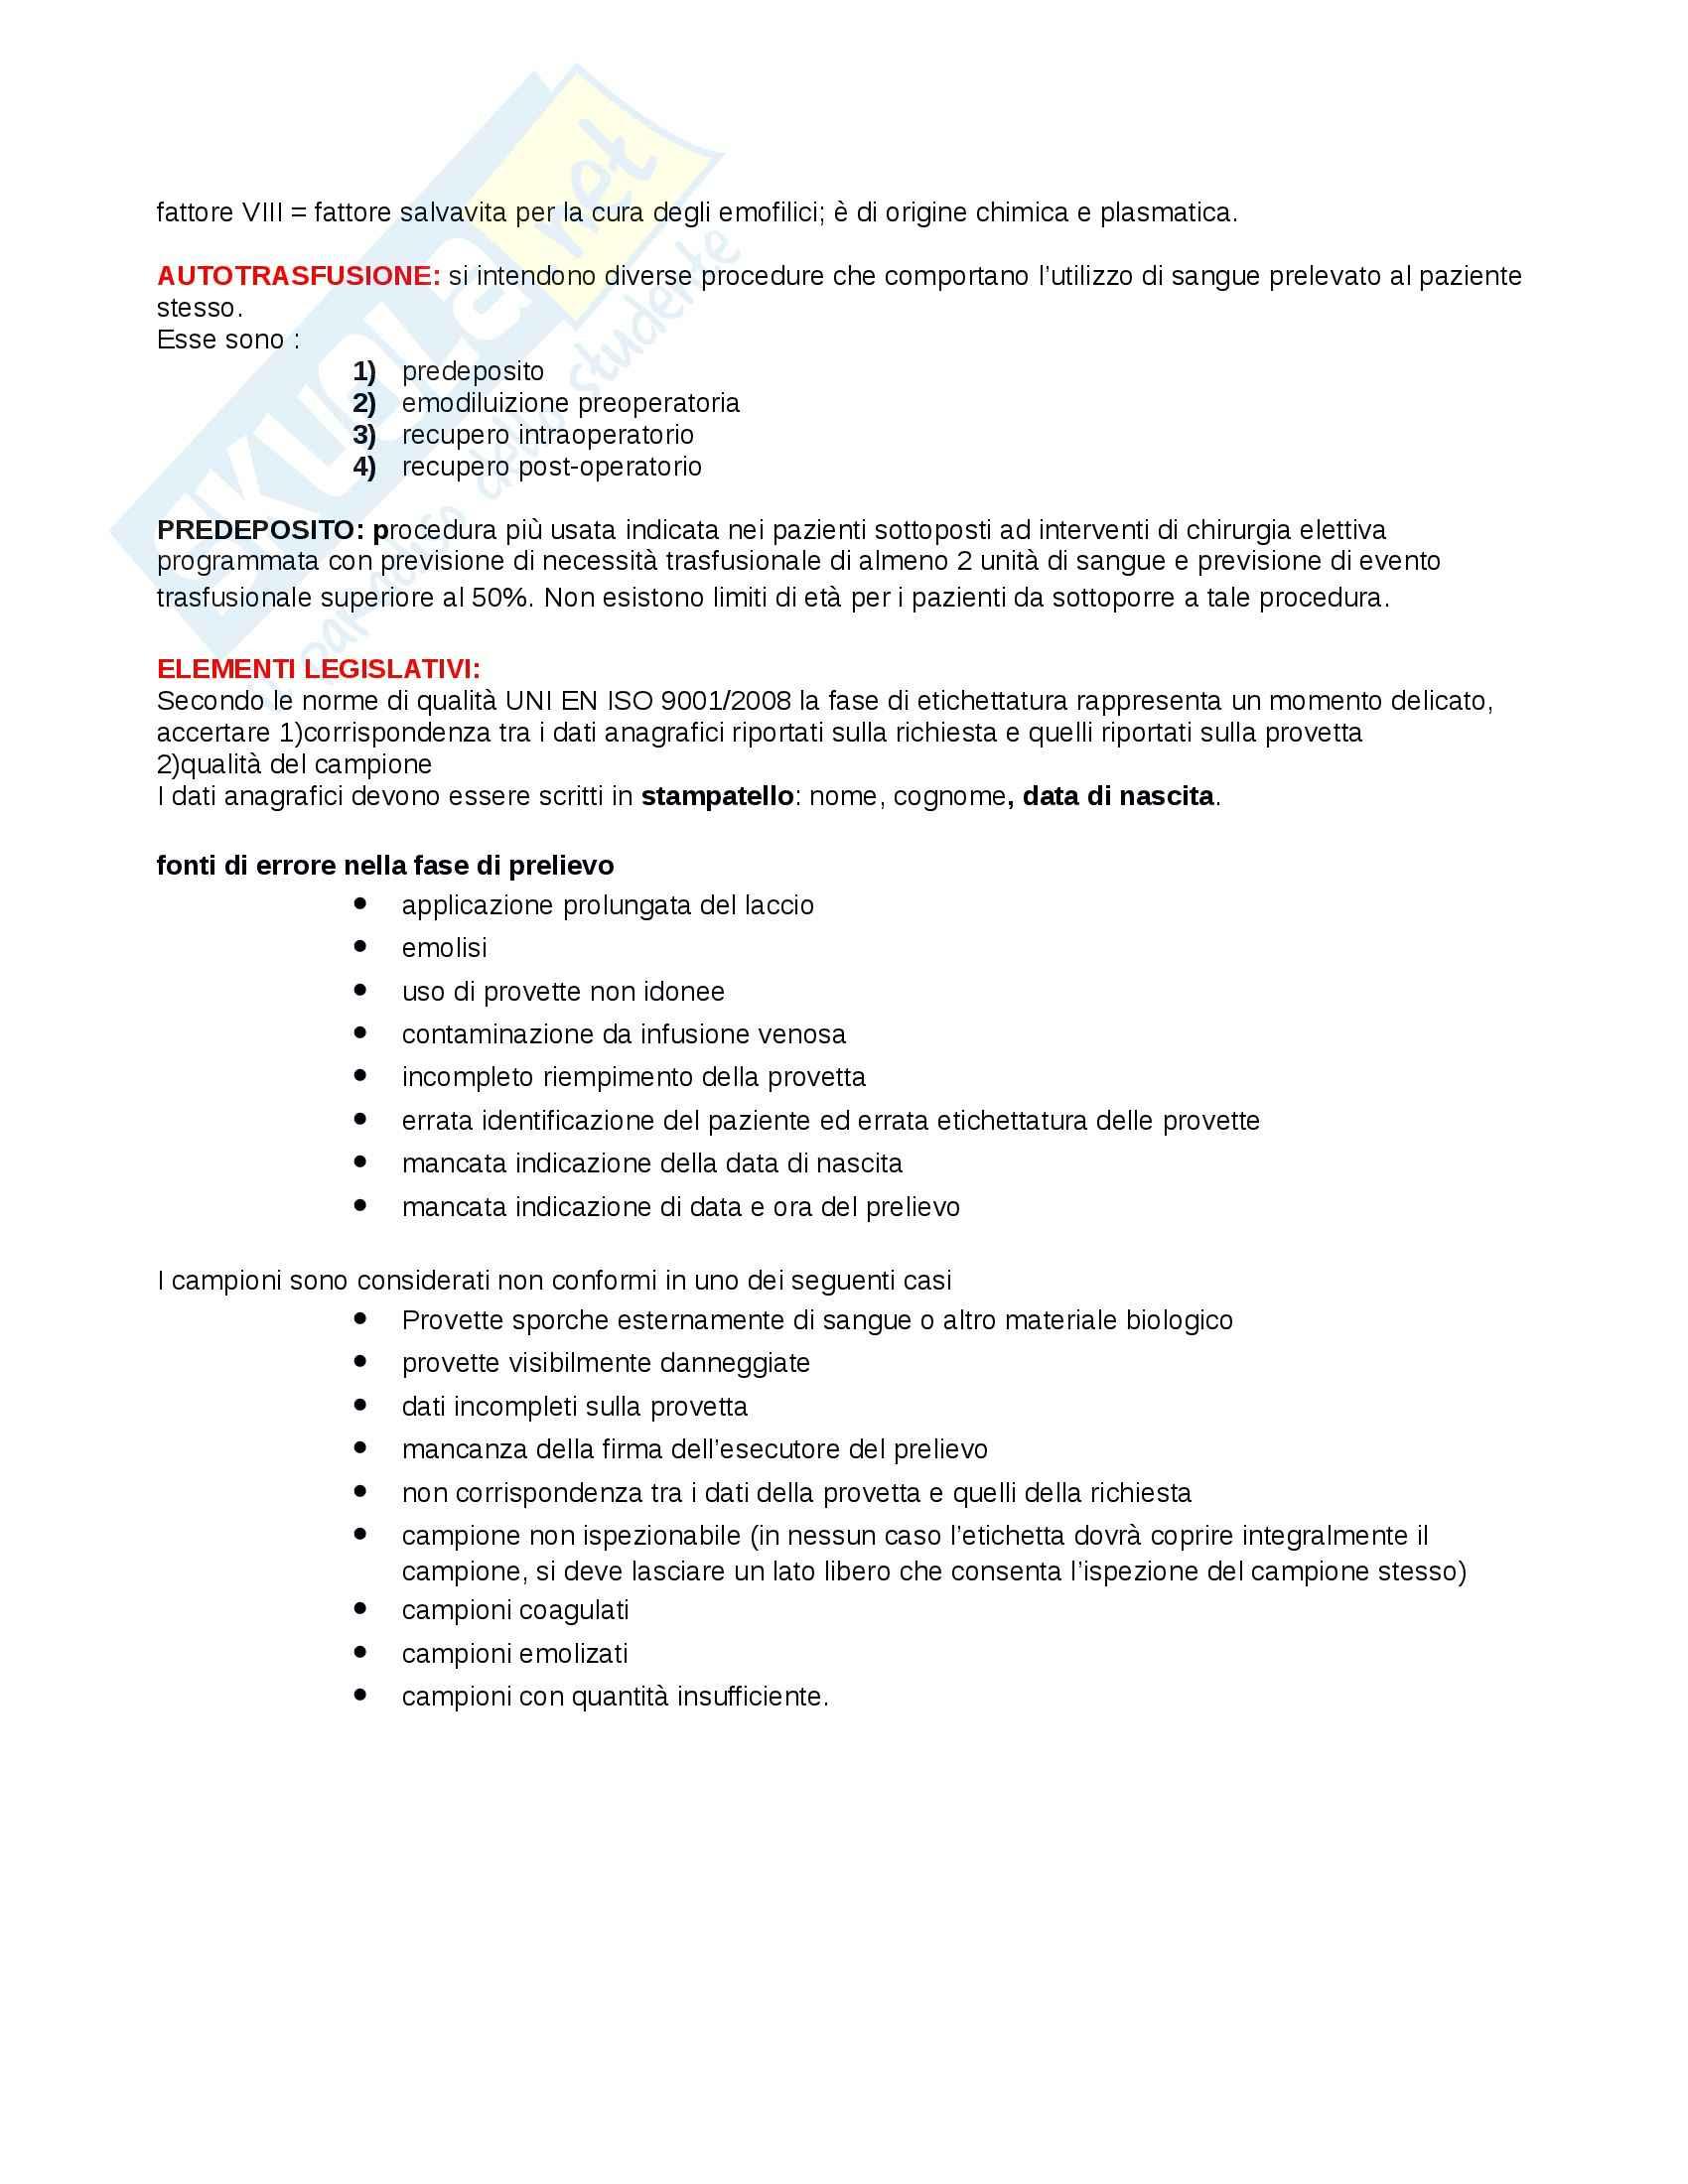 Patologia generale e fisiopatologia - immunoematologia Pag. 6